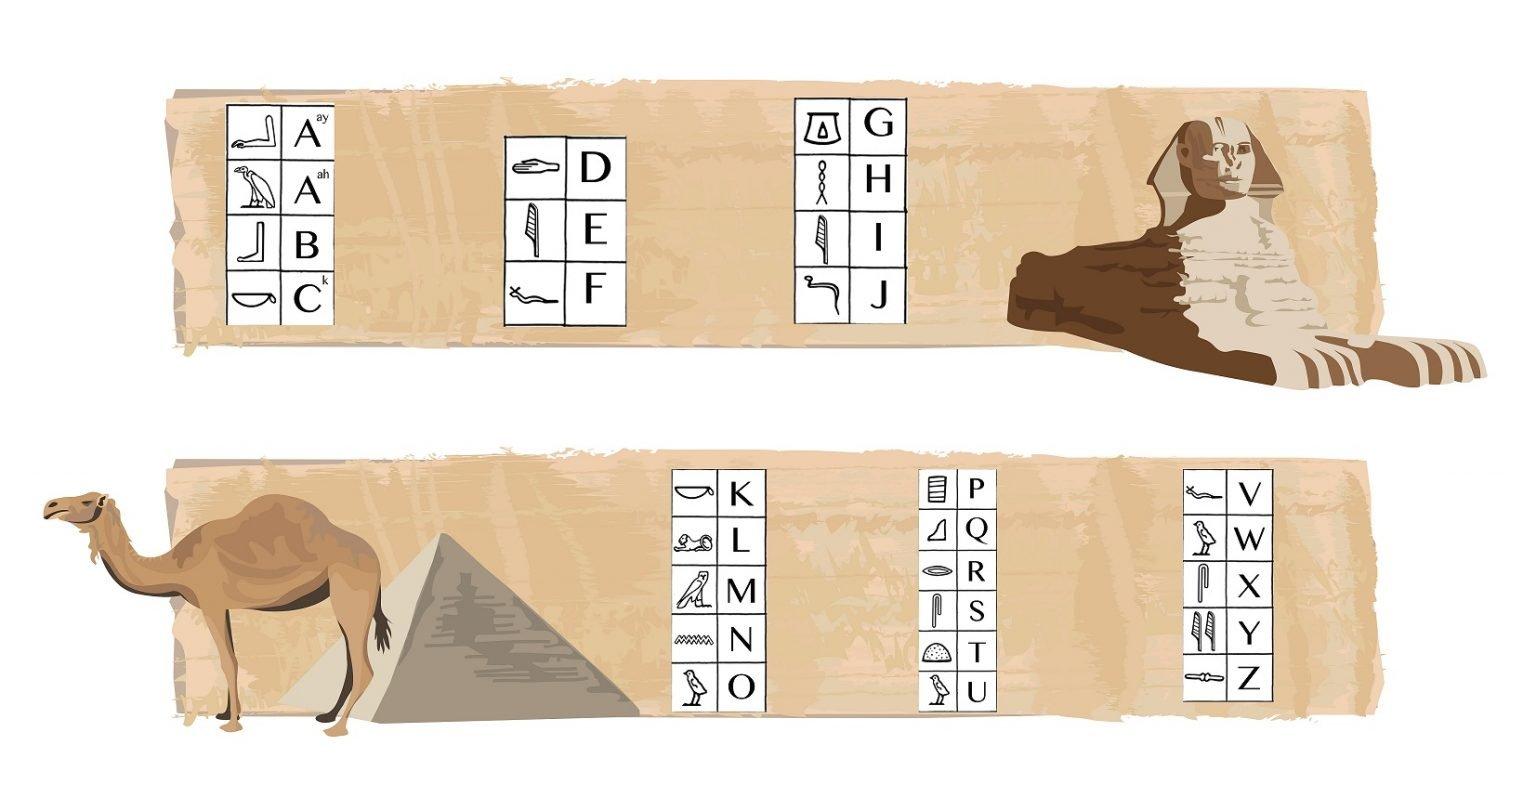 Hebreo, Chino o Jeroglíficos en tu Escape Room